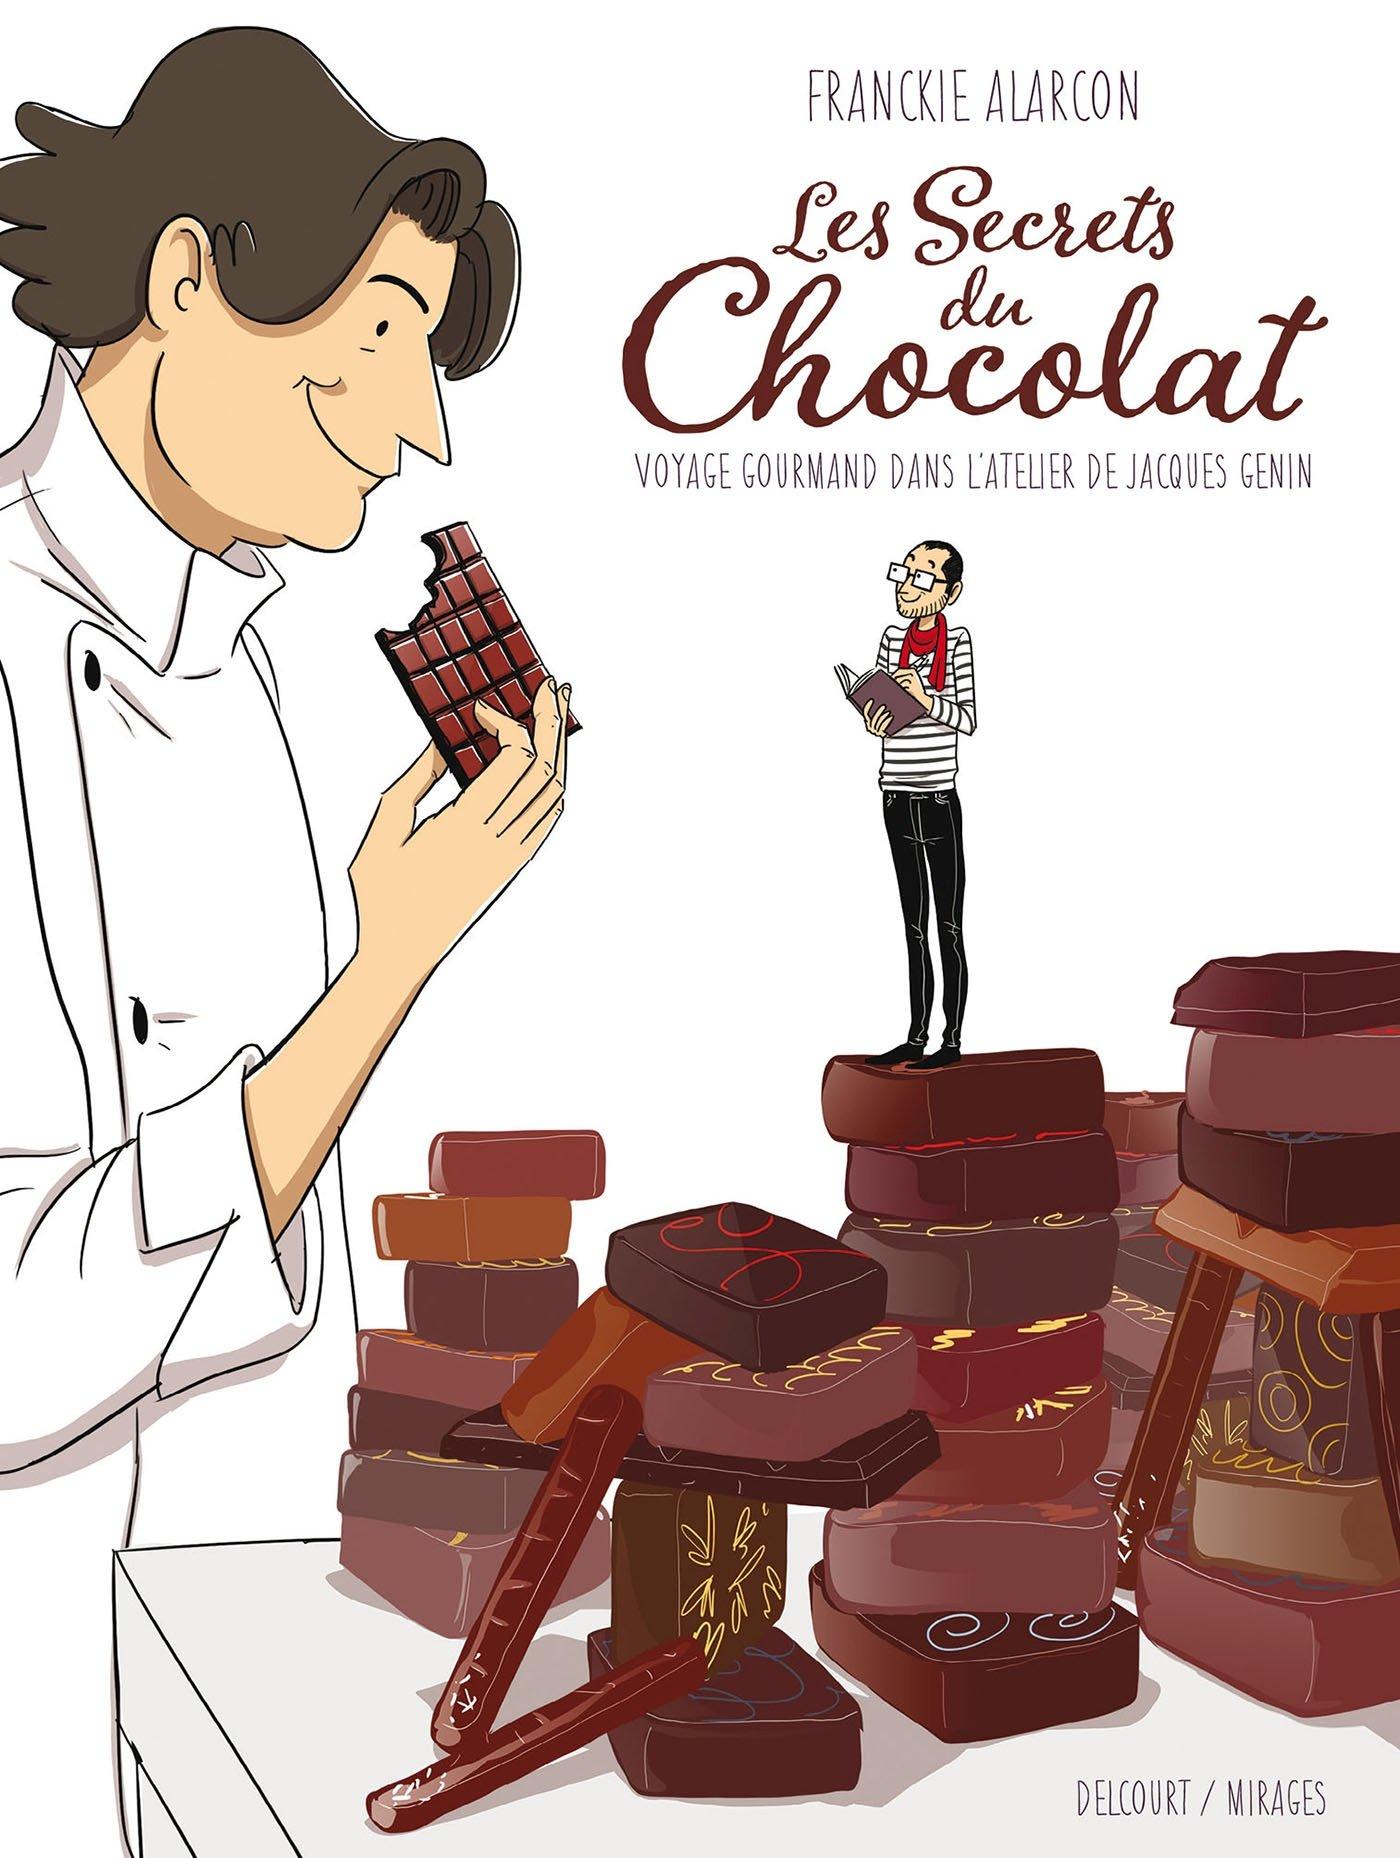 Les secrets du chocolat